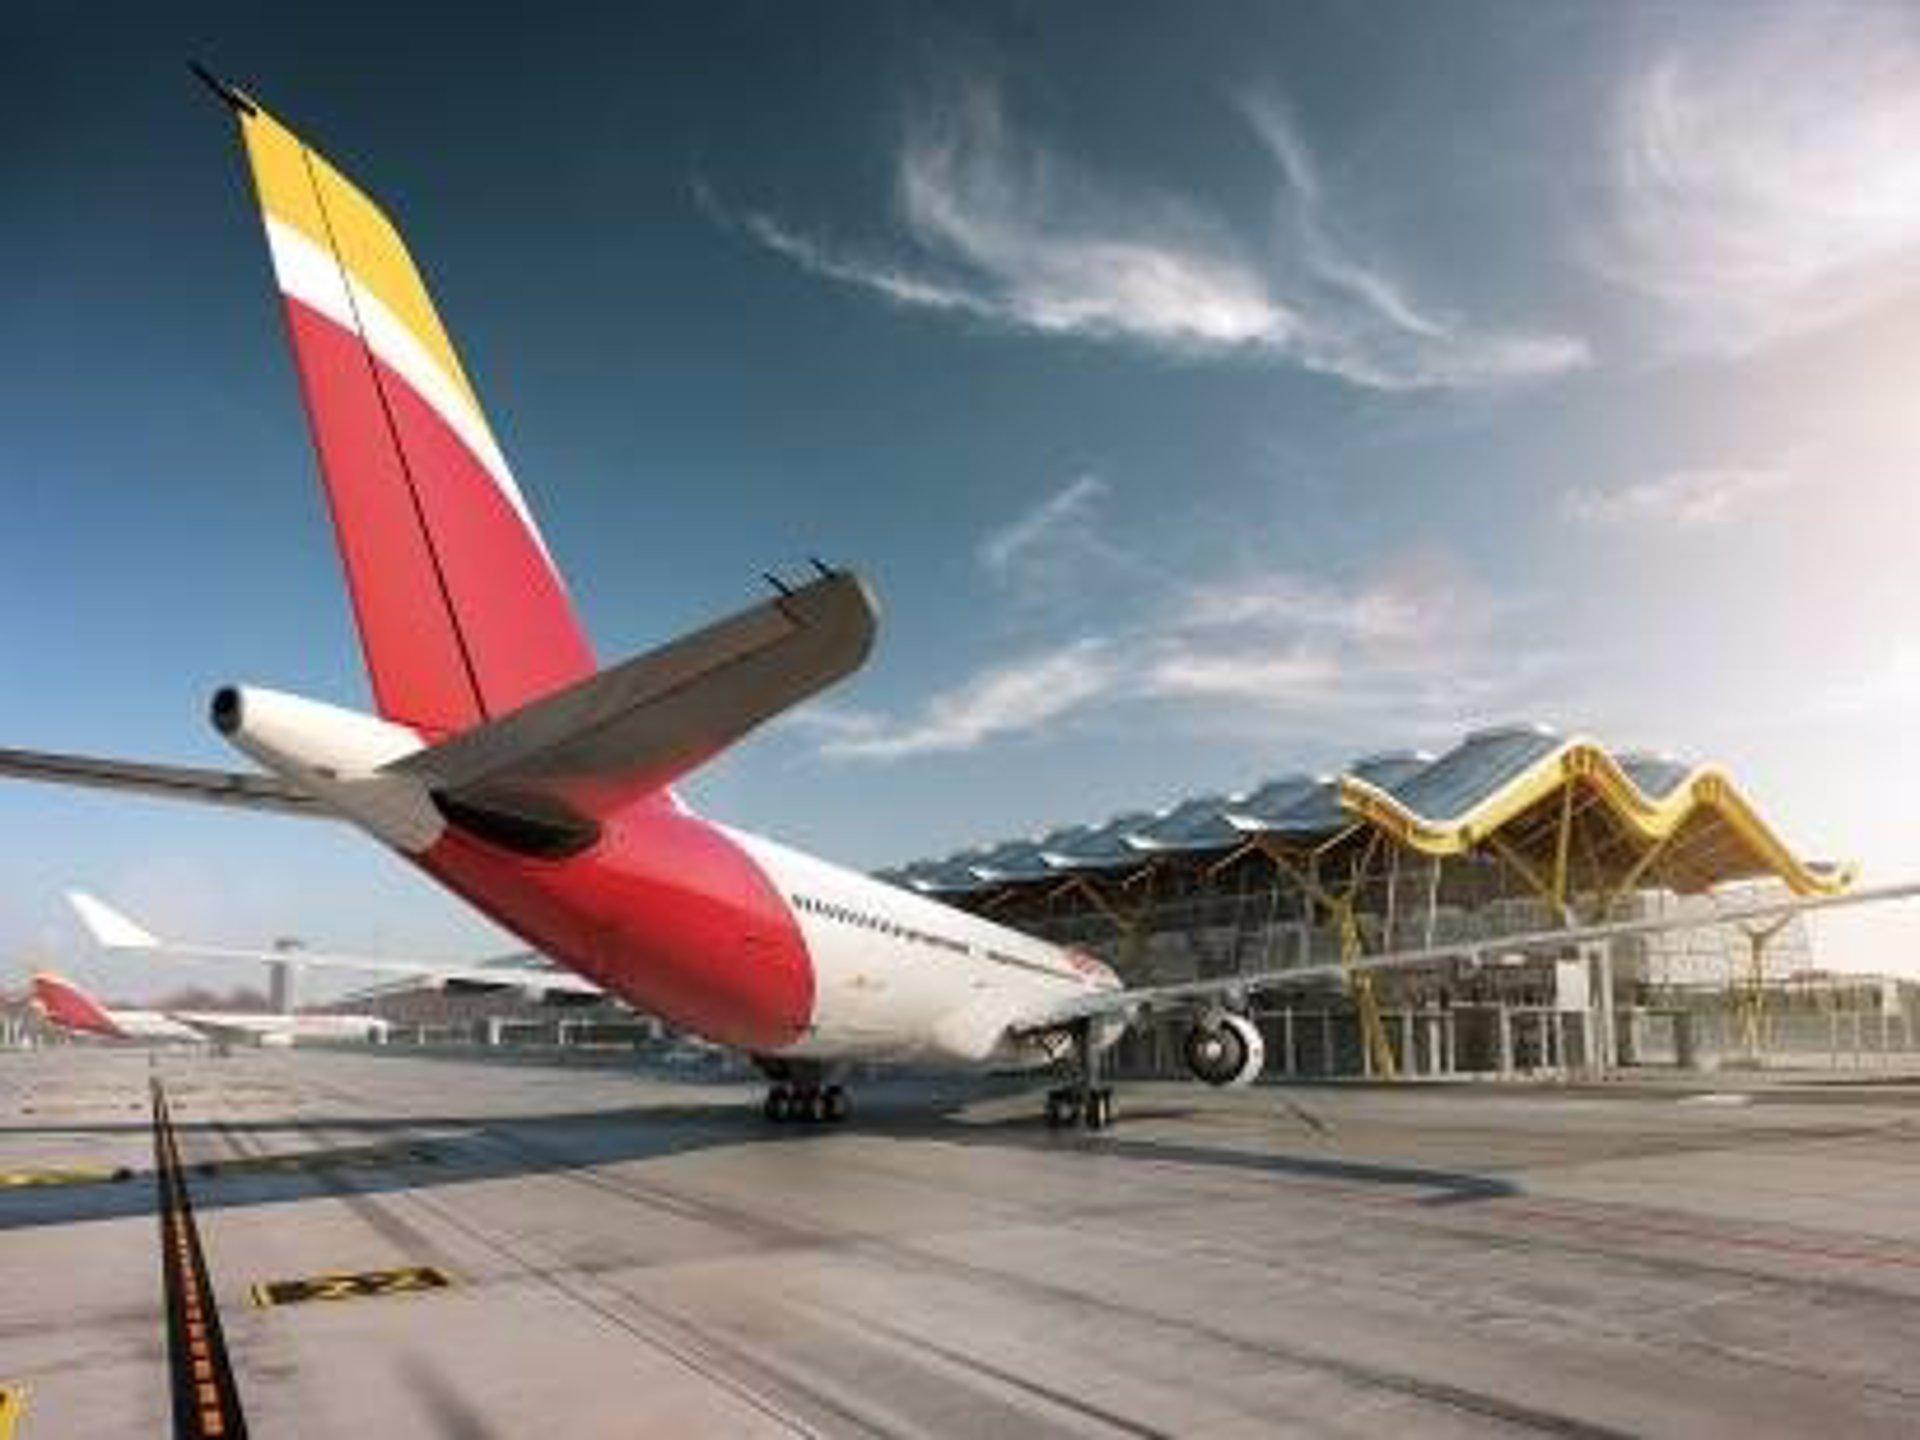 Iberia realizó más de 1.000 vuelos chárter en 2014, con un 12% más de ingresos